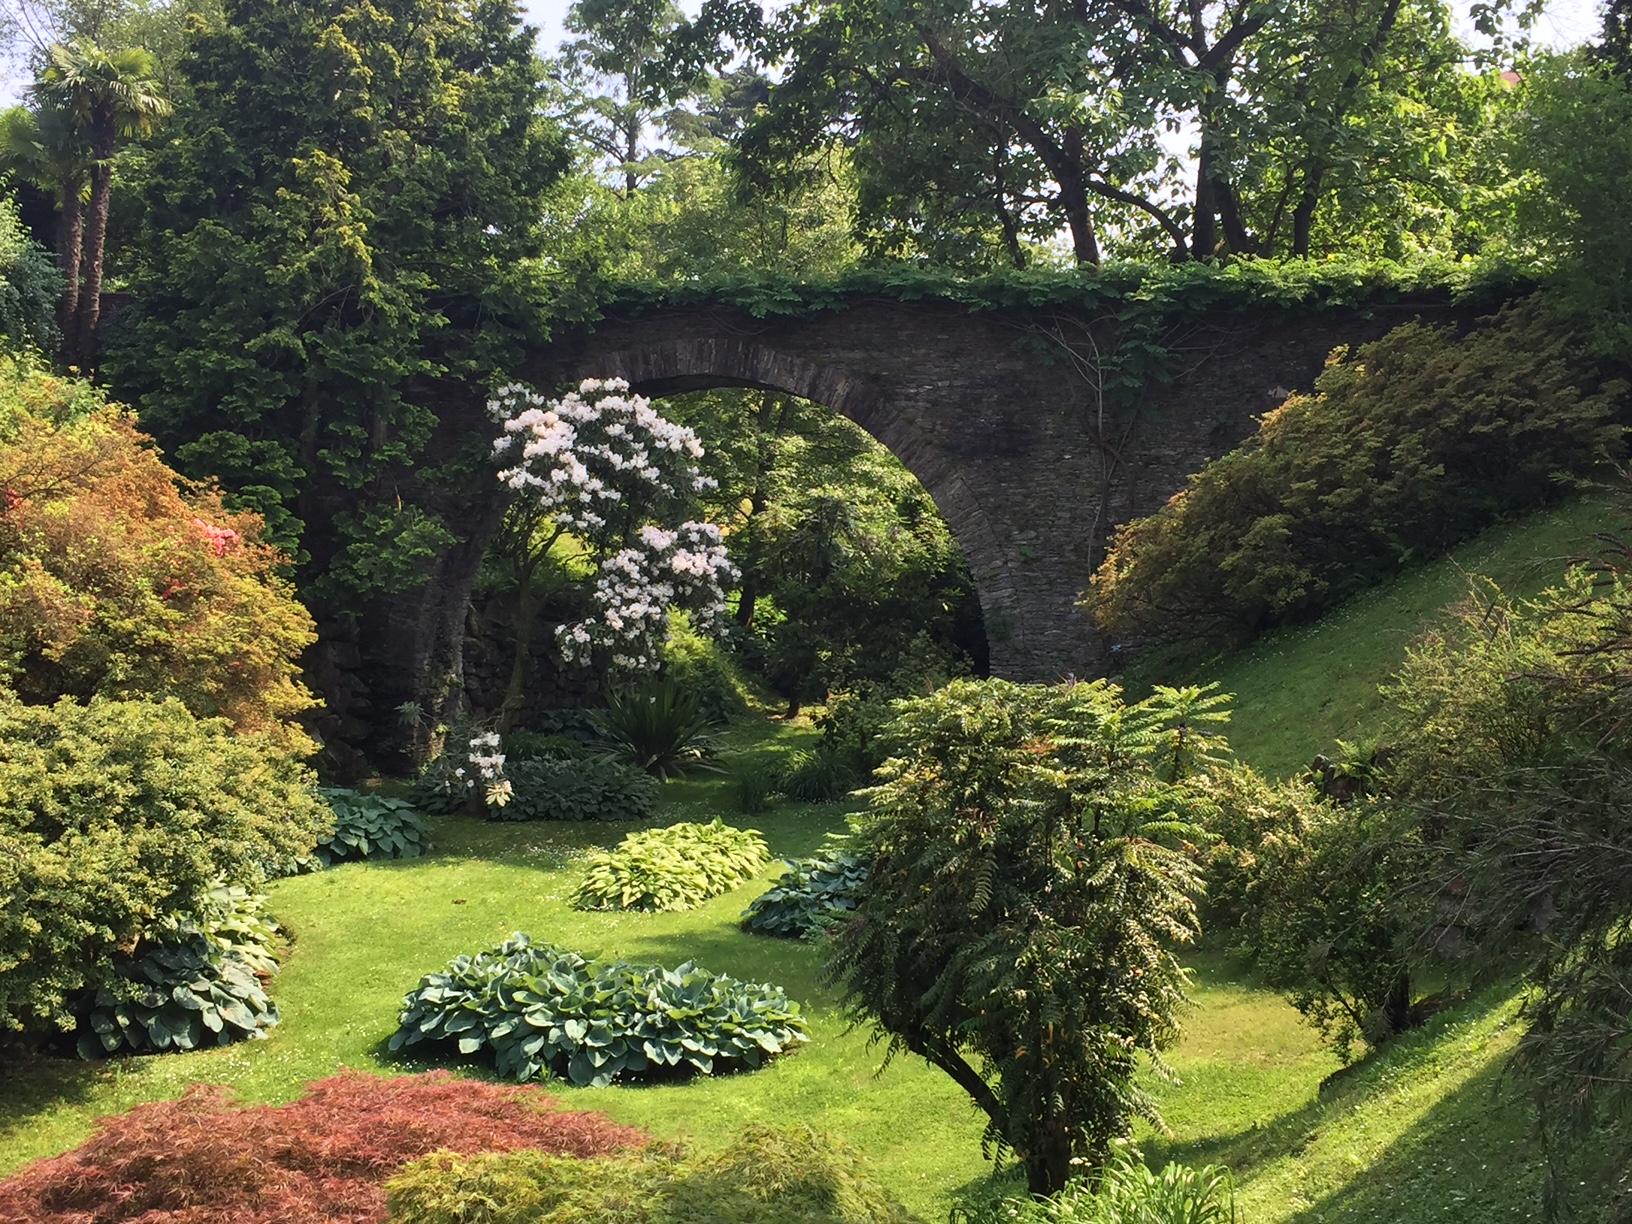 villa Taranto verbania, giardini botanici